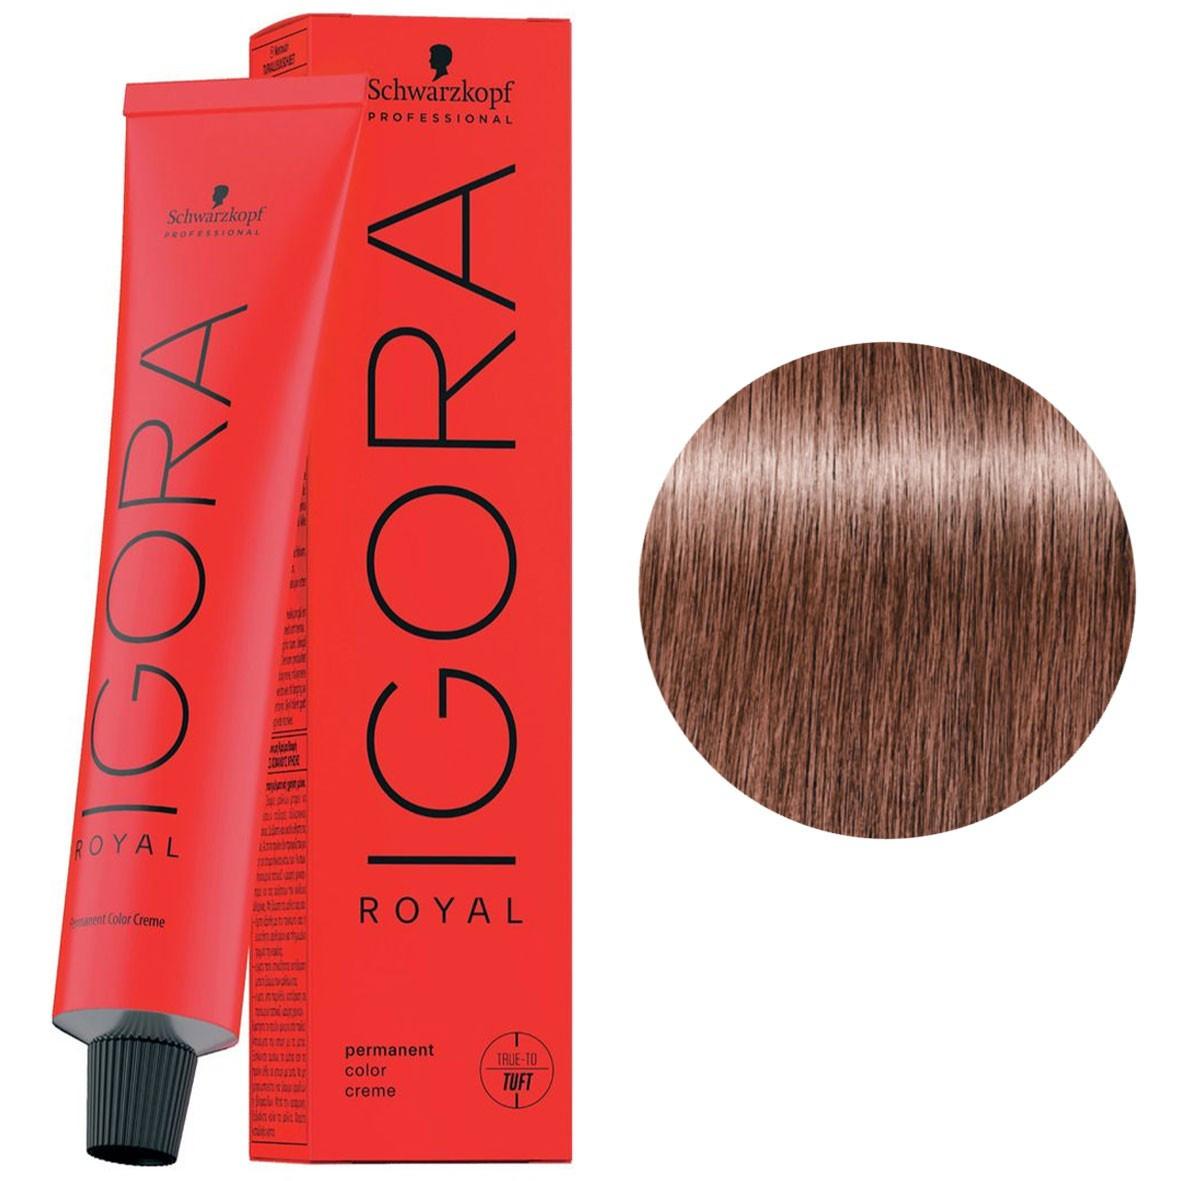 Фарба для волосся 8-84 Schwarzkopf Igora Royal світло-русявий червоний бежевий 60 мл